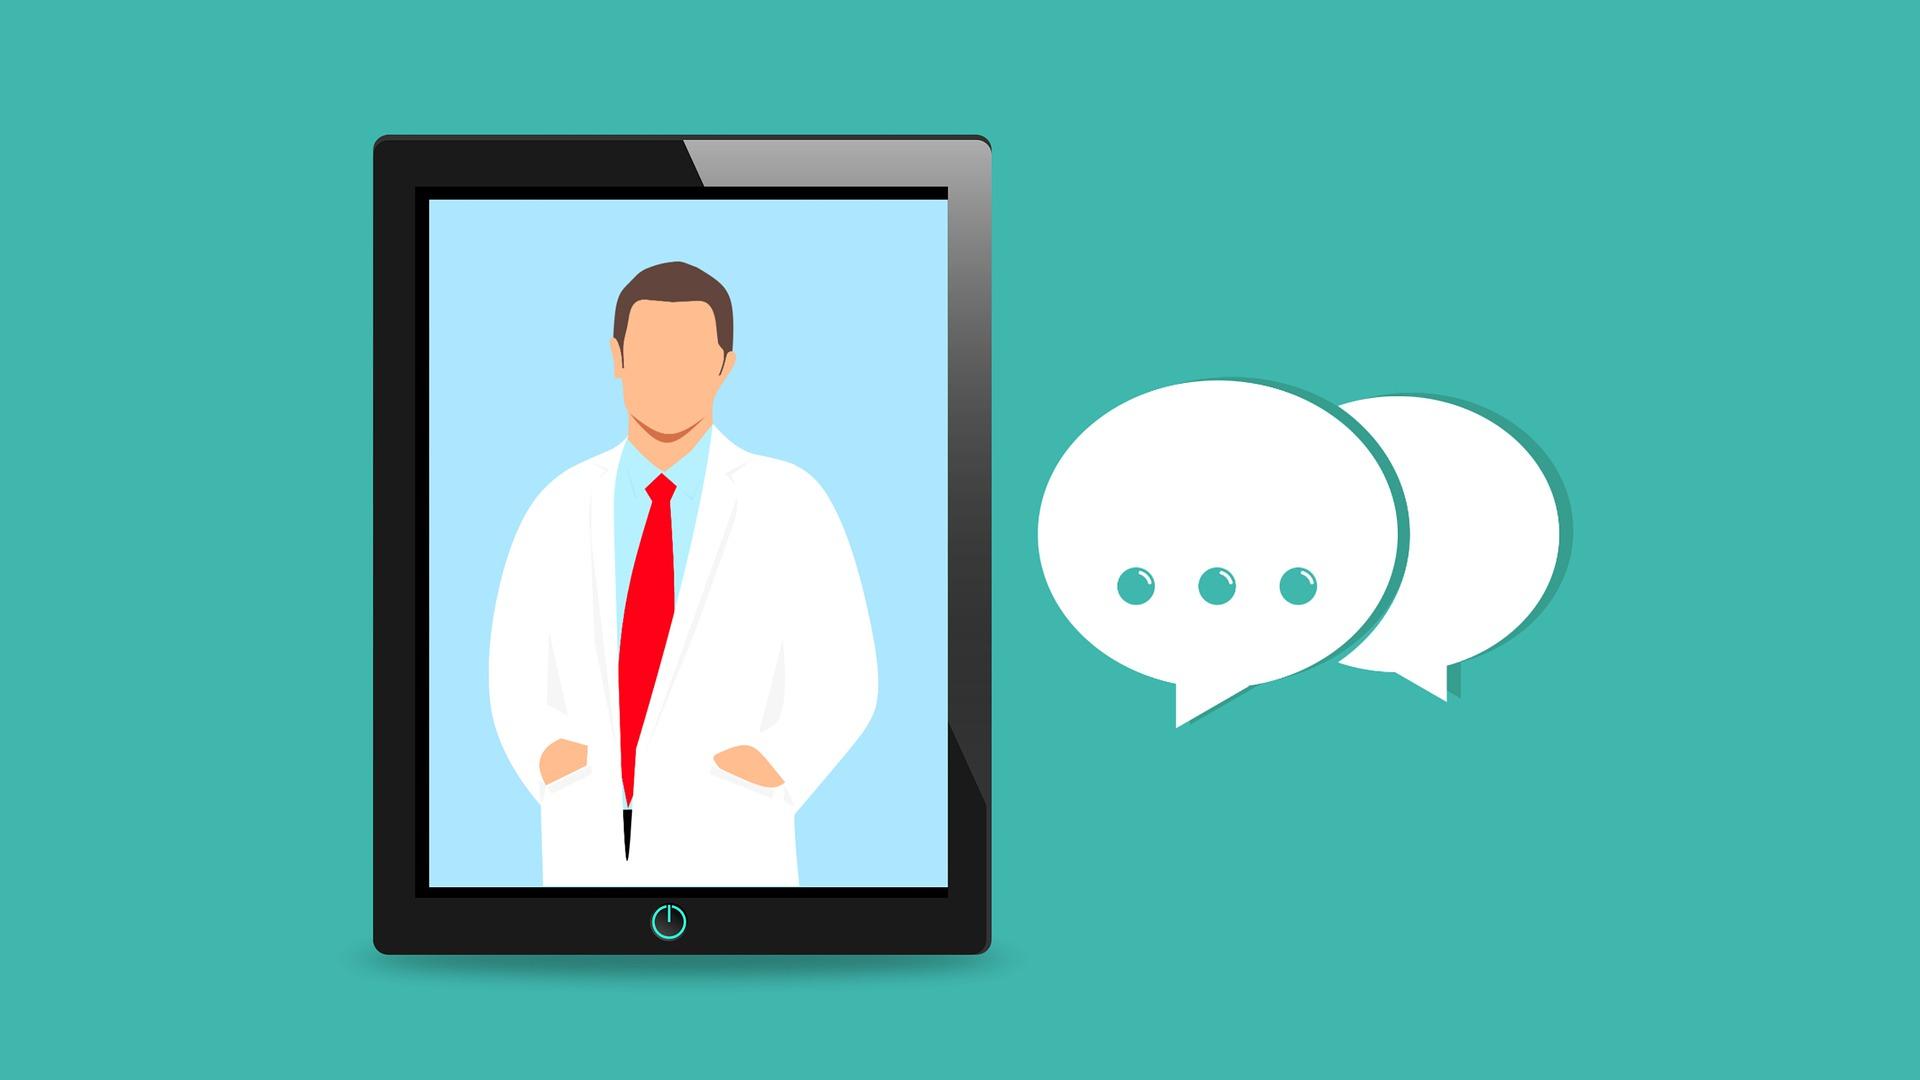 Apotheke Digitalisierung Telemedizin Telepharmazie AI KI Pandemie COVID-19 Coronavirus